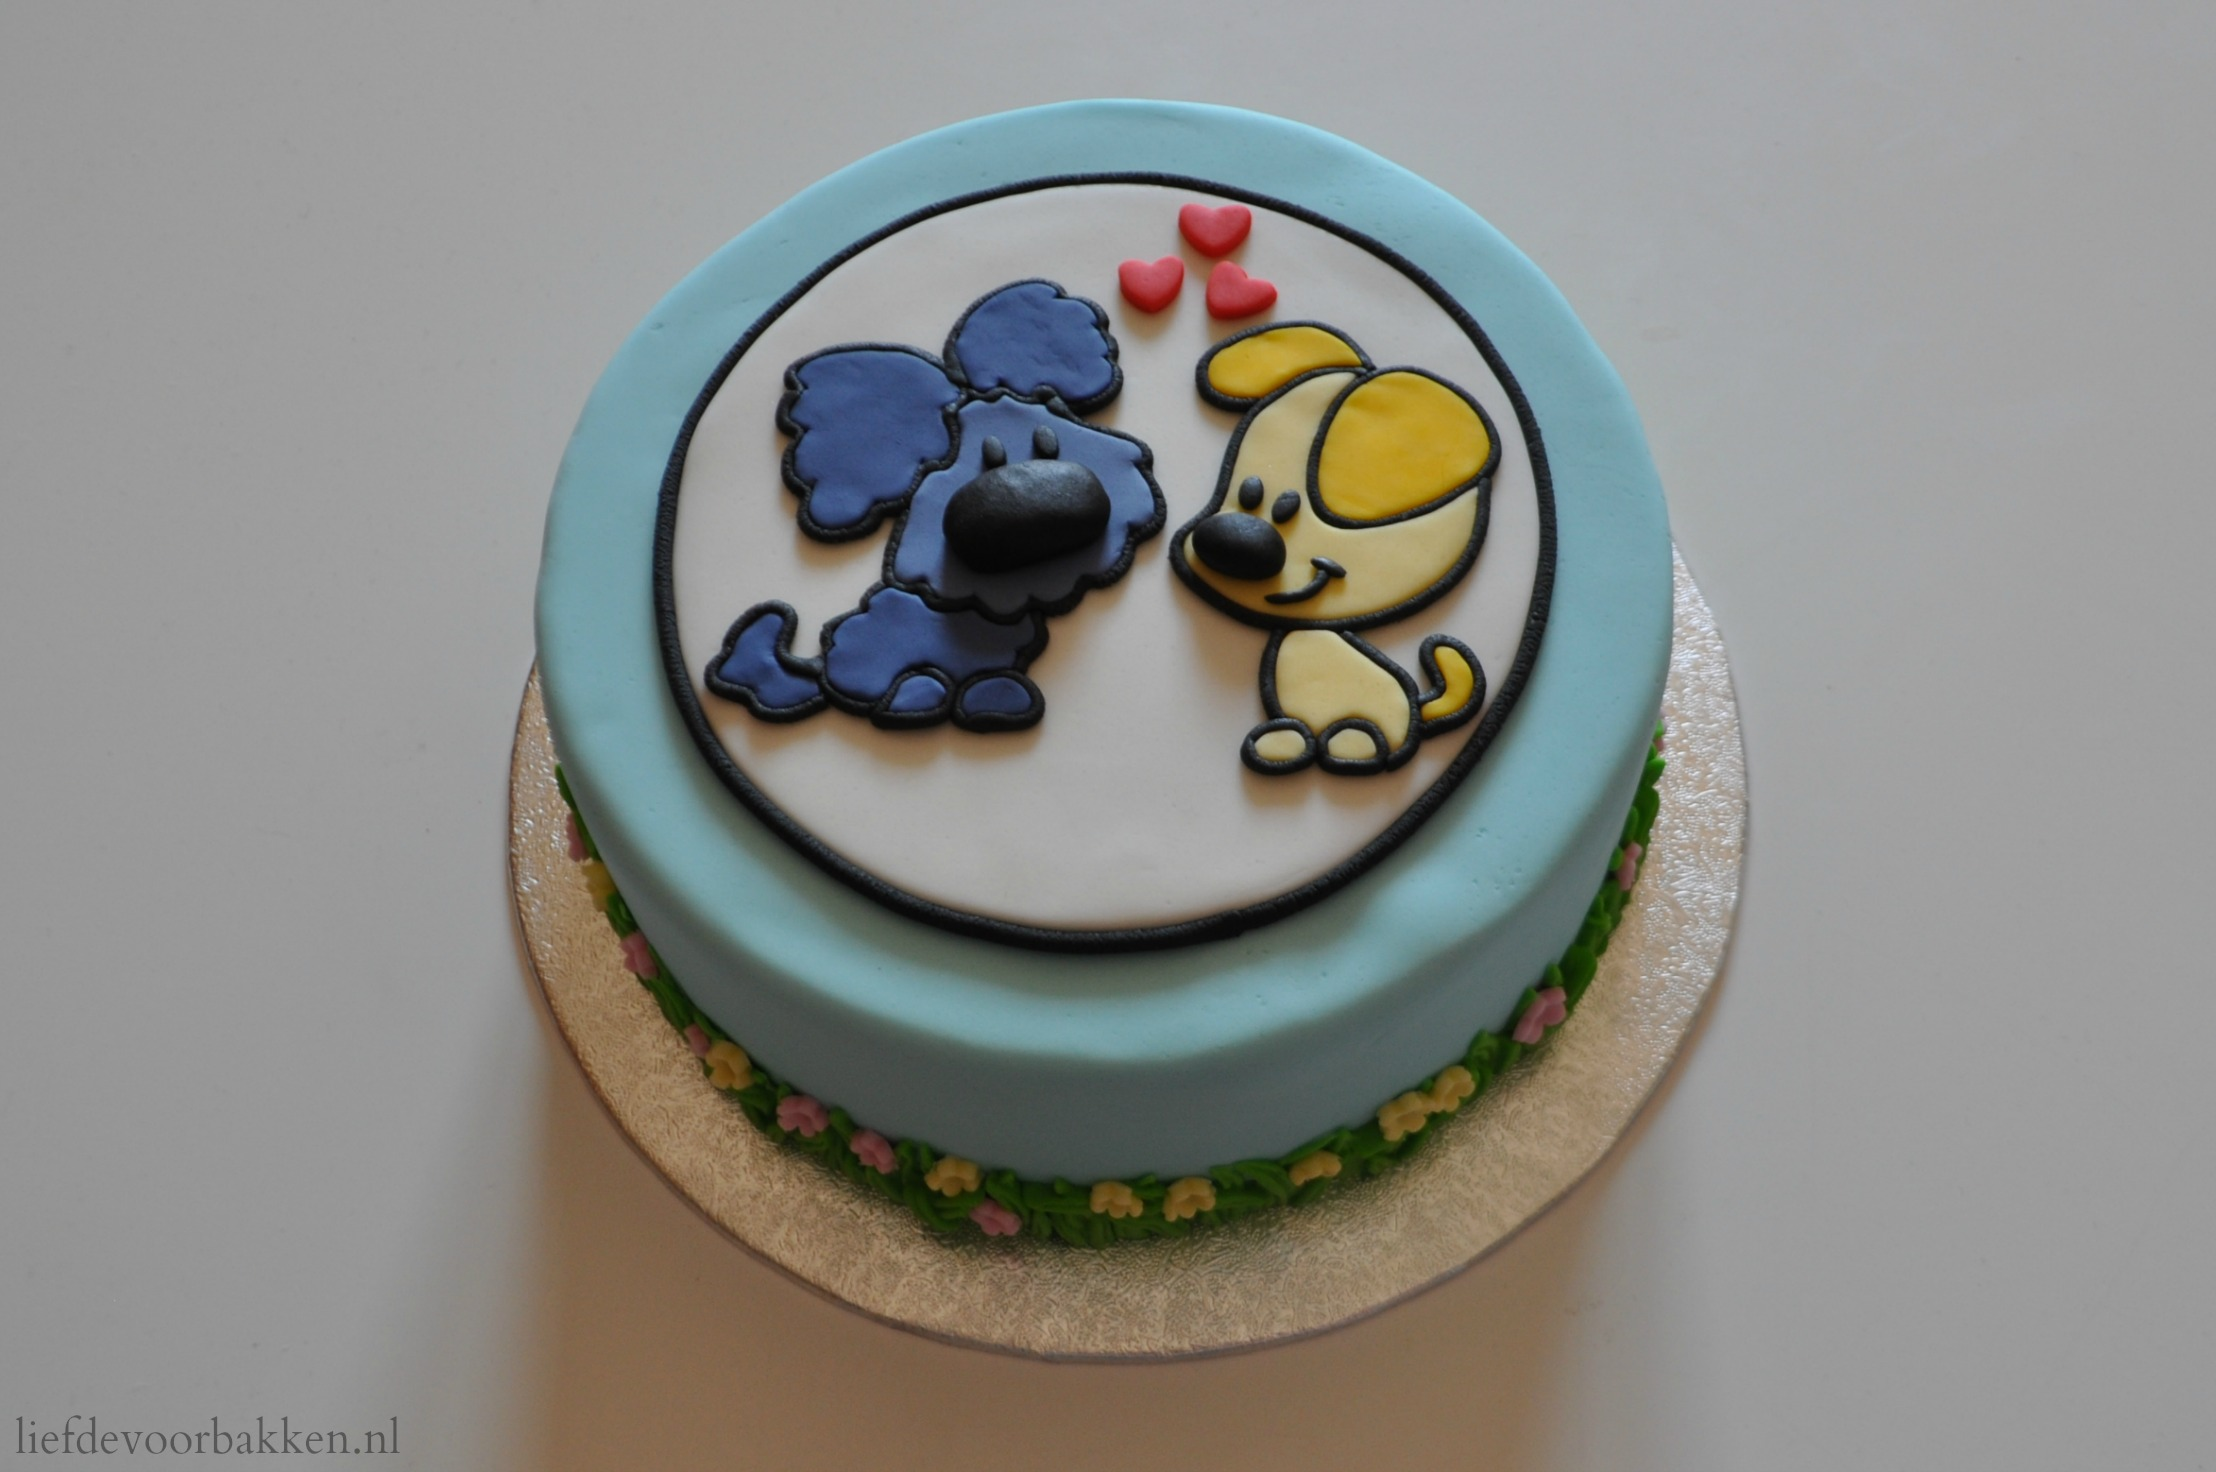 woezel en pip taart laten maken Woezel & Pip taart: hoe maak je een puzzelplaatje? – Liefde voor  woezel en pip taart laten maken